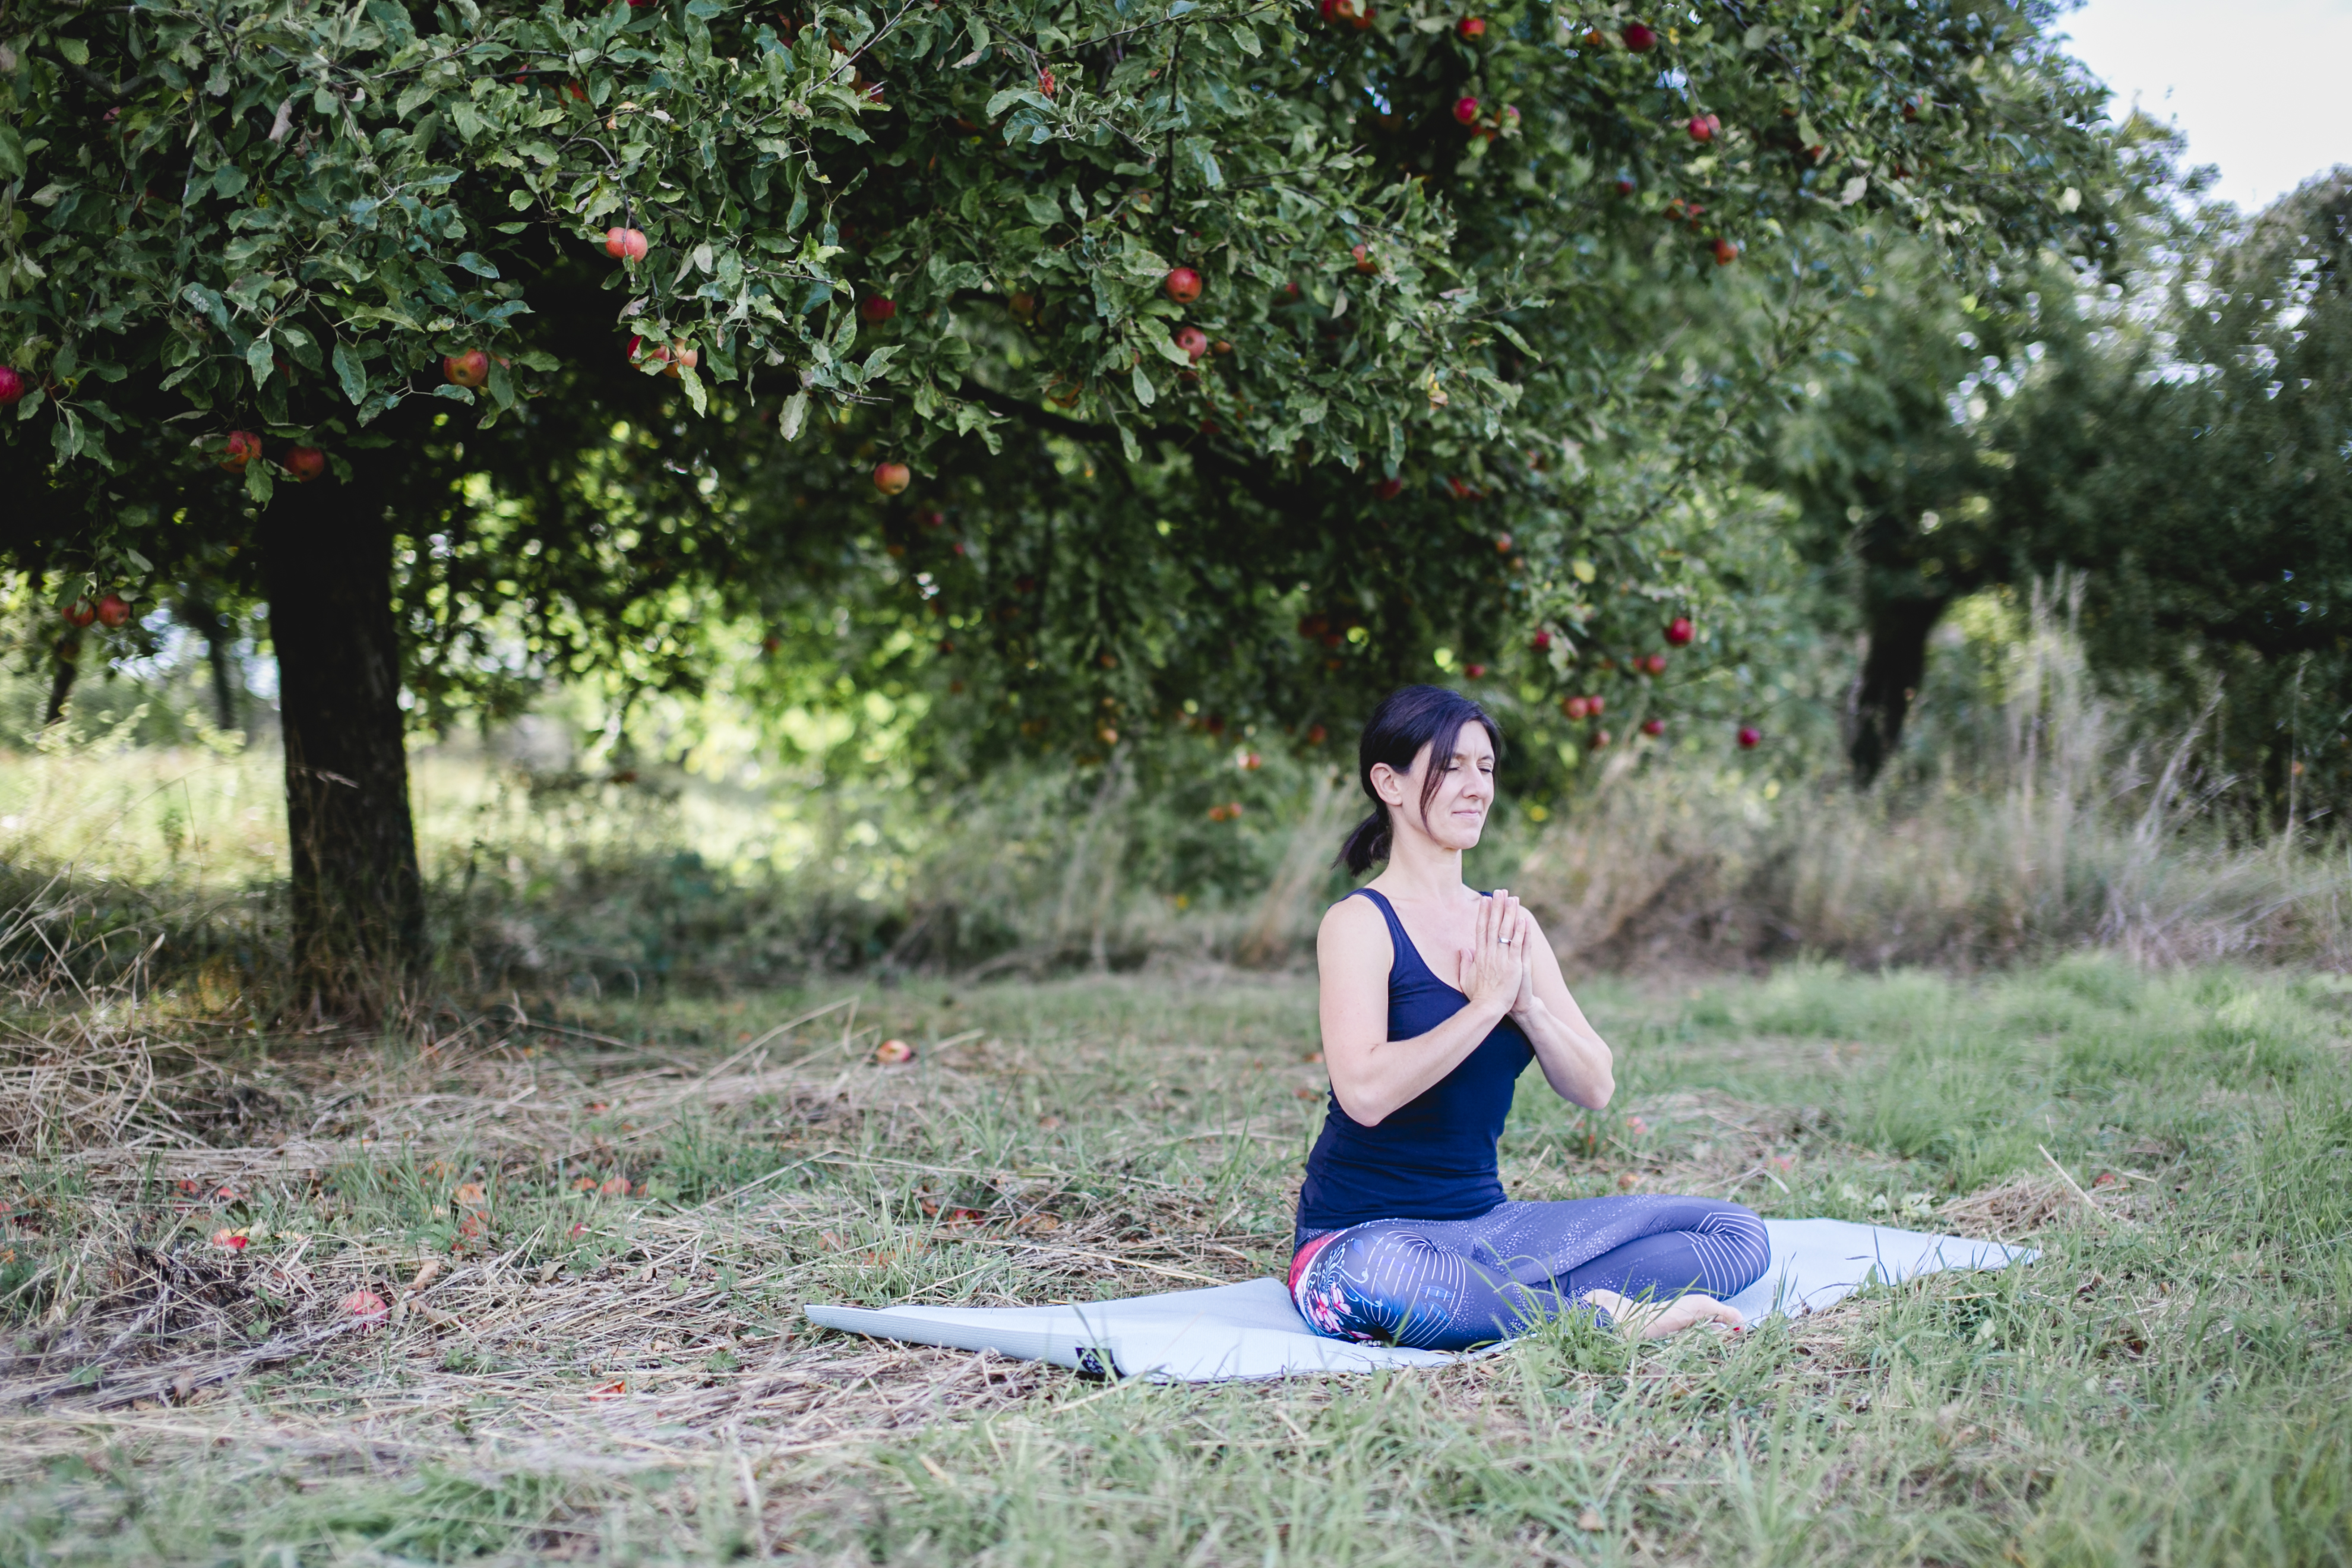 Yogalounge Nicole Veith Walzbachtal   Yoga & ich   Yoga Meditation auf der Wiese